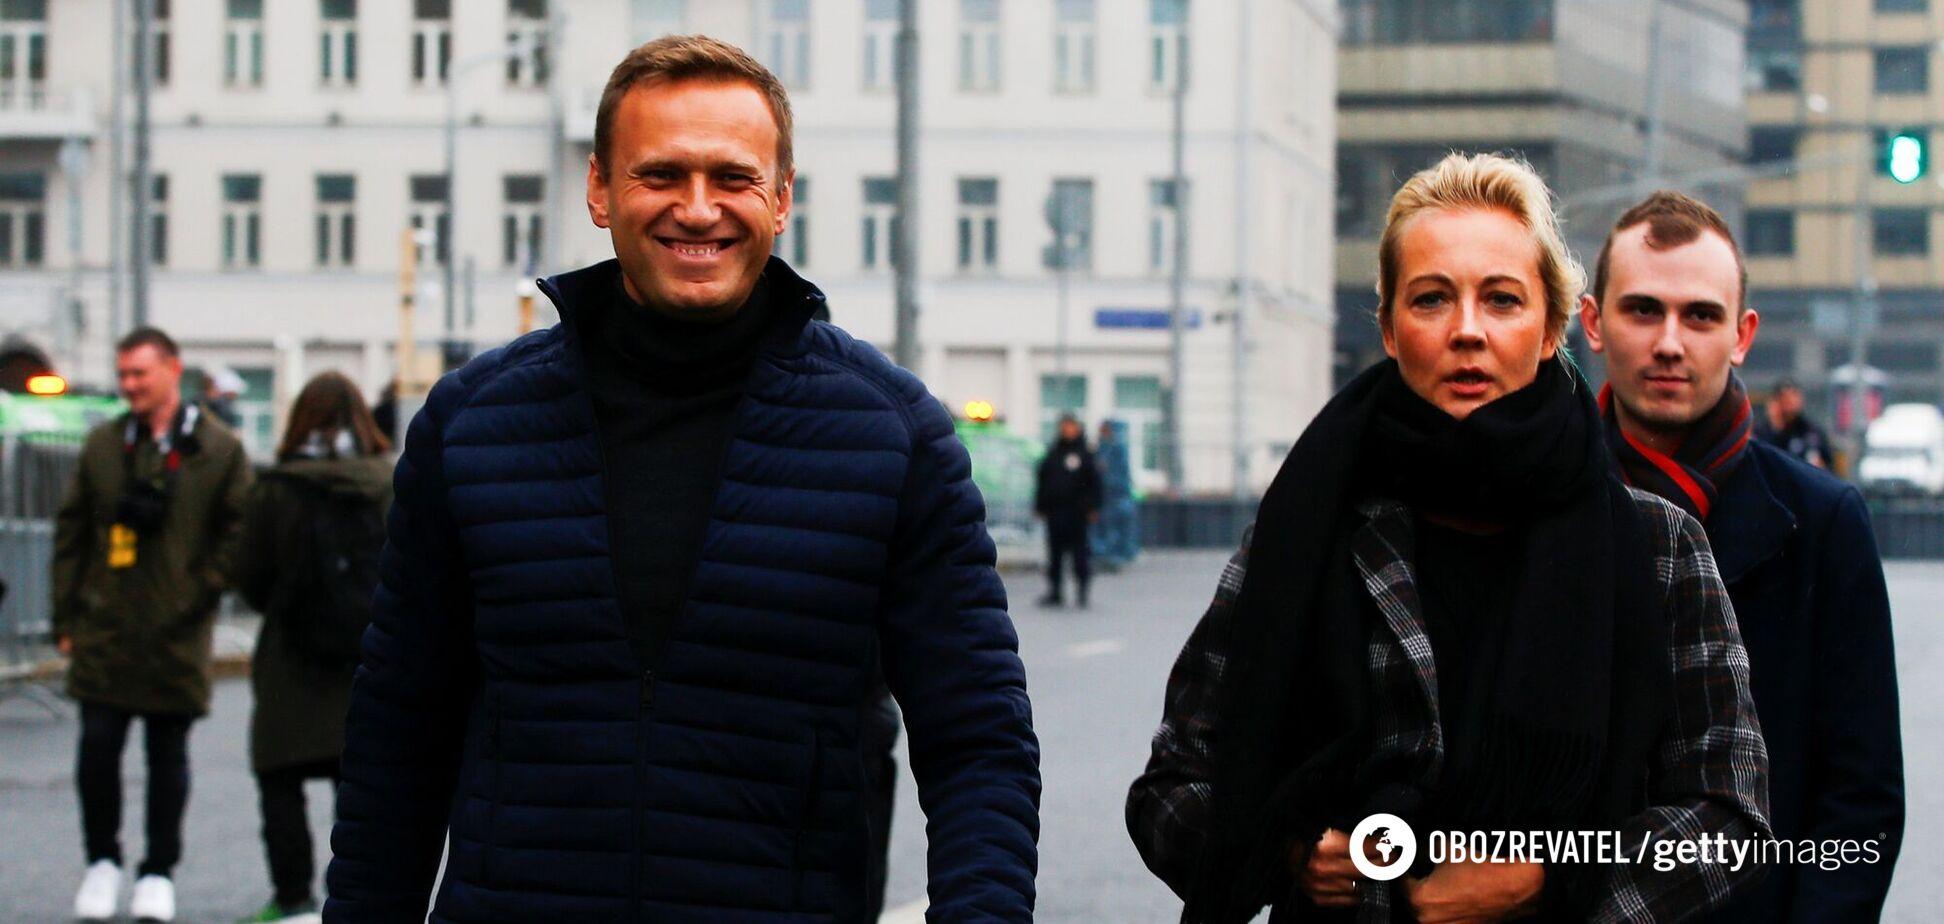 Сазонов пояснив, навіщо Путіну Навальний, і як це пов'язано з Україною